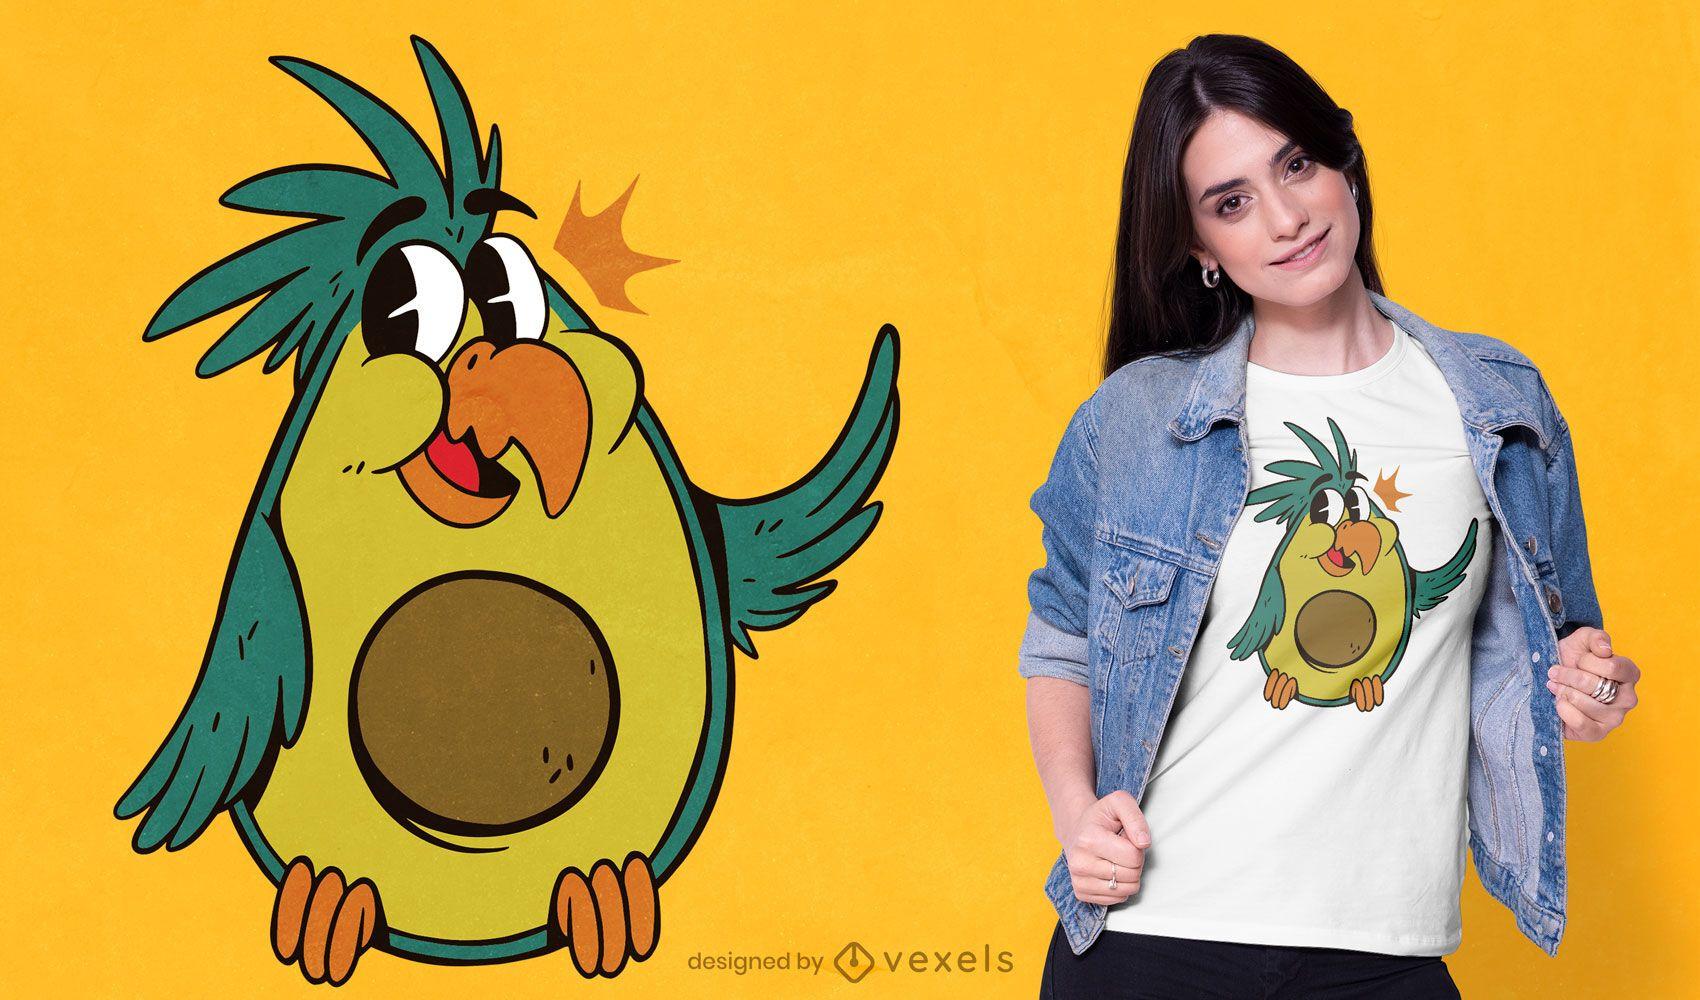 Bird avocado t-shirt design